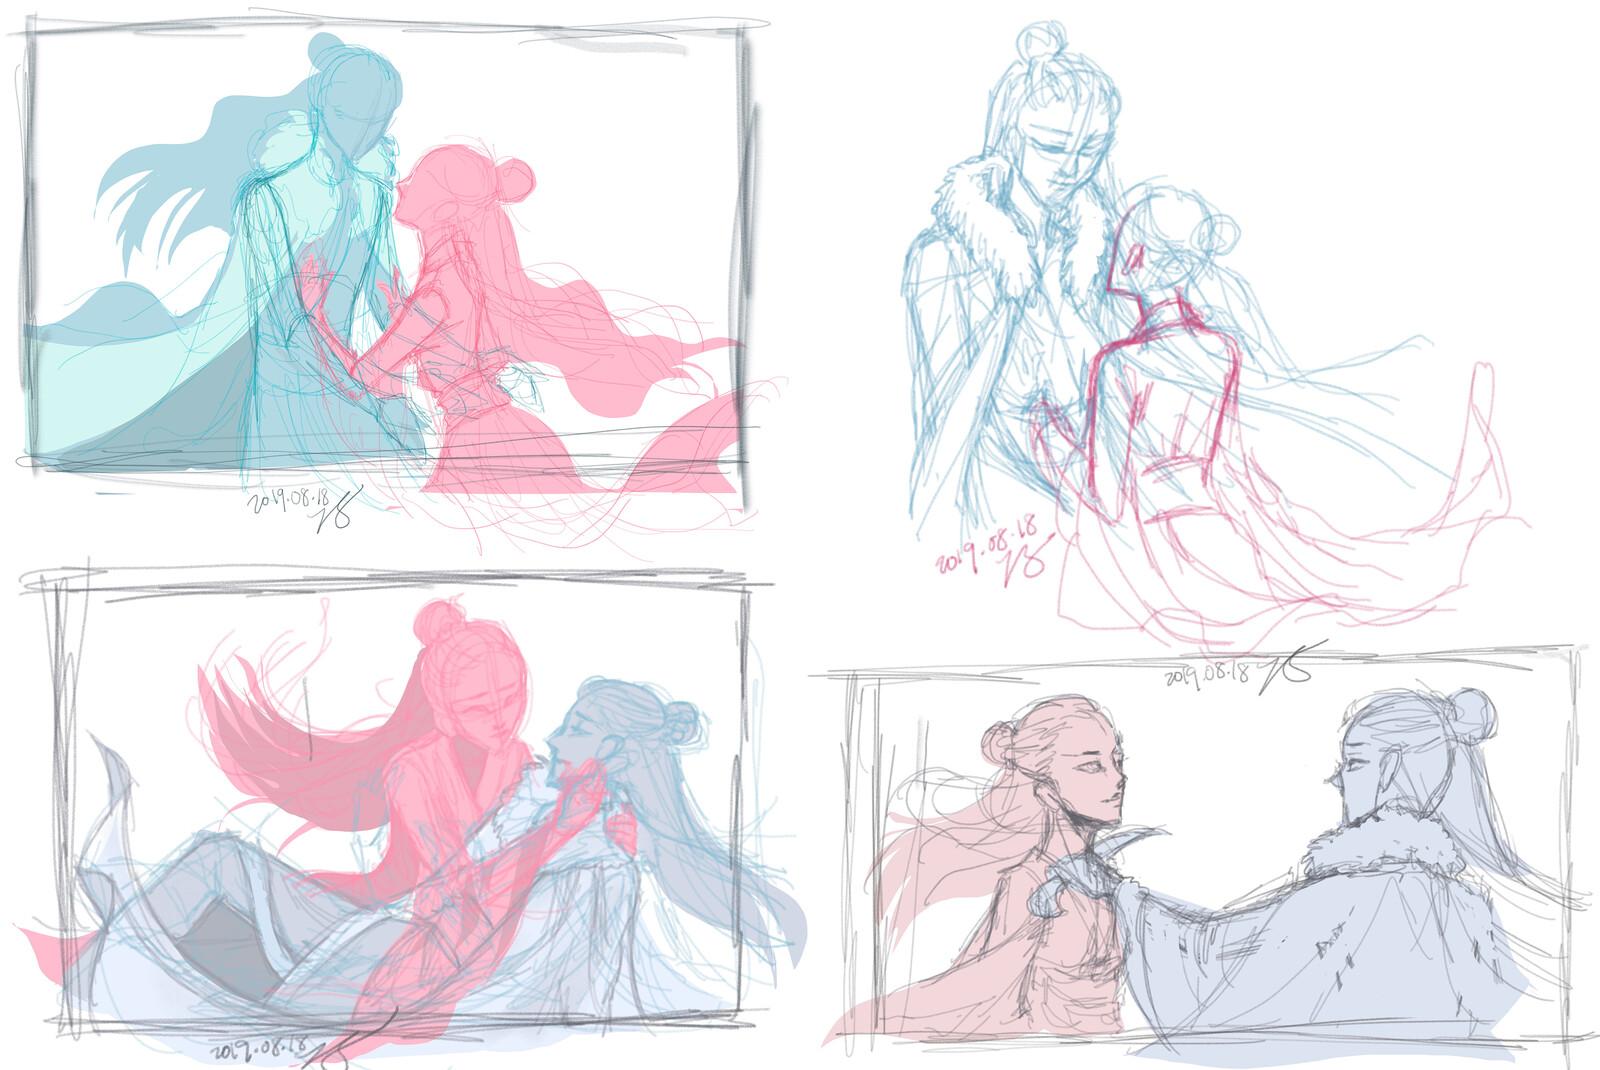 unused concept sketches